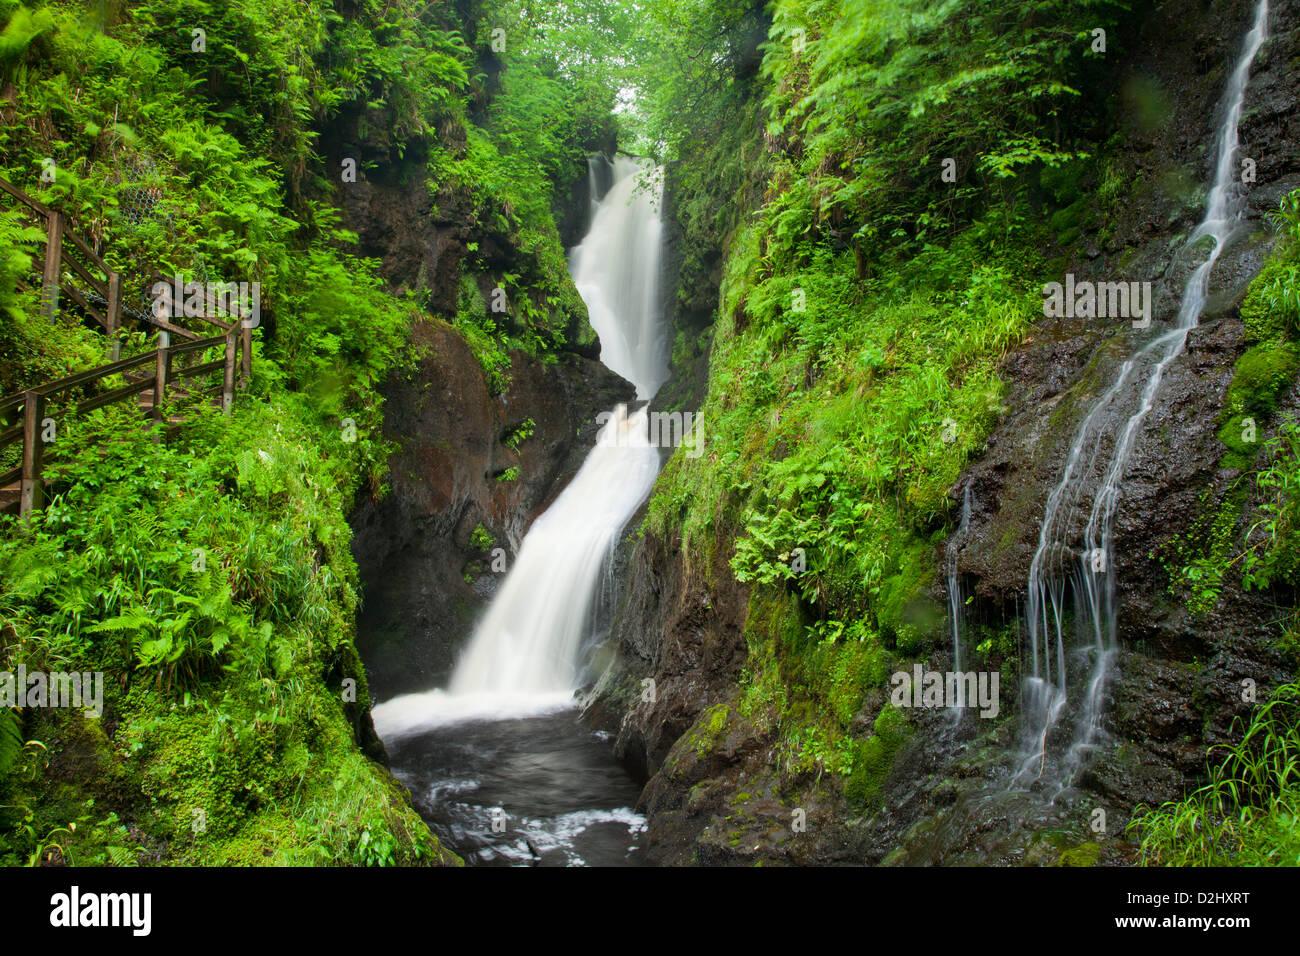 Ess-na-Larach cascade, Glenariff Forest Park, dans le comté d'Antrim, en Irlande du Nord. Photo Stock